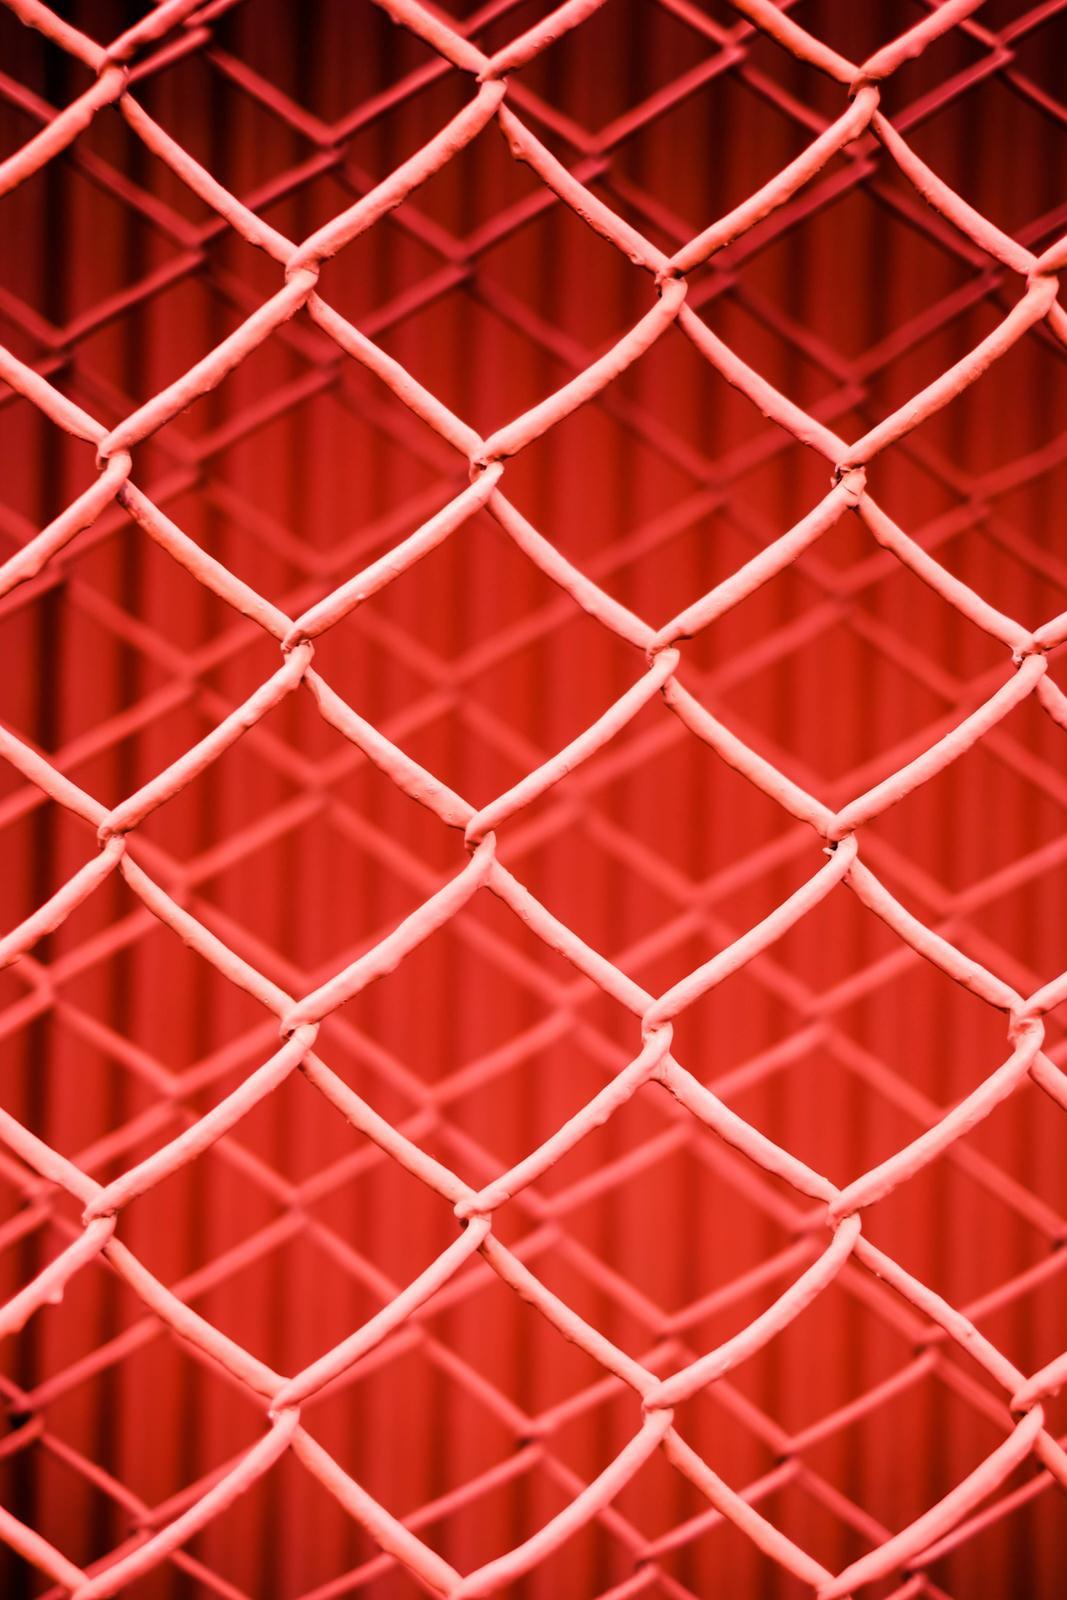 重なる赤いフェンスのテクスチャー重なる赤いフェンスのテクスチャー